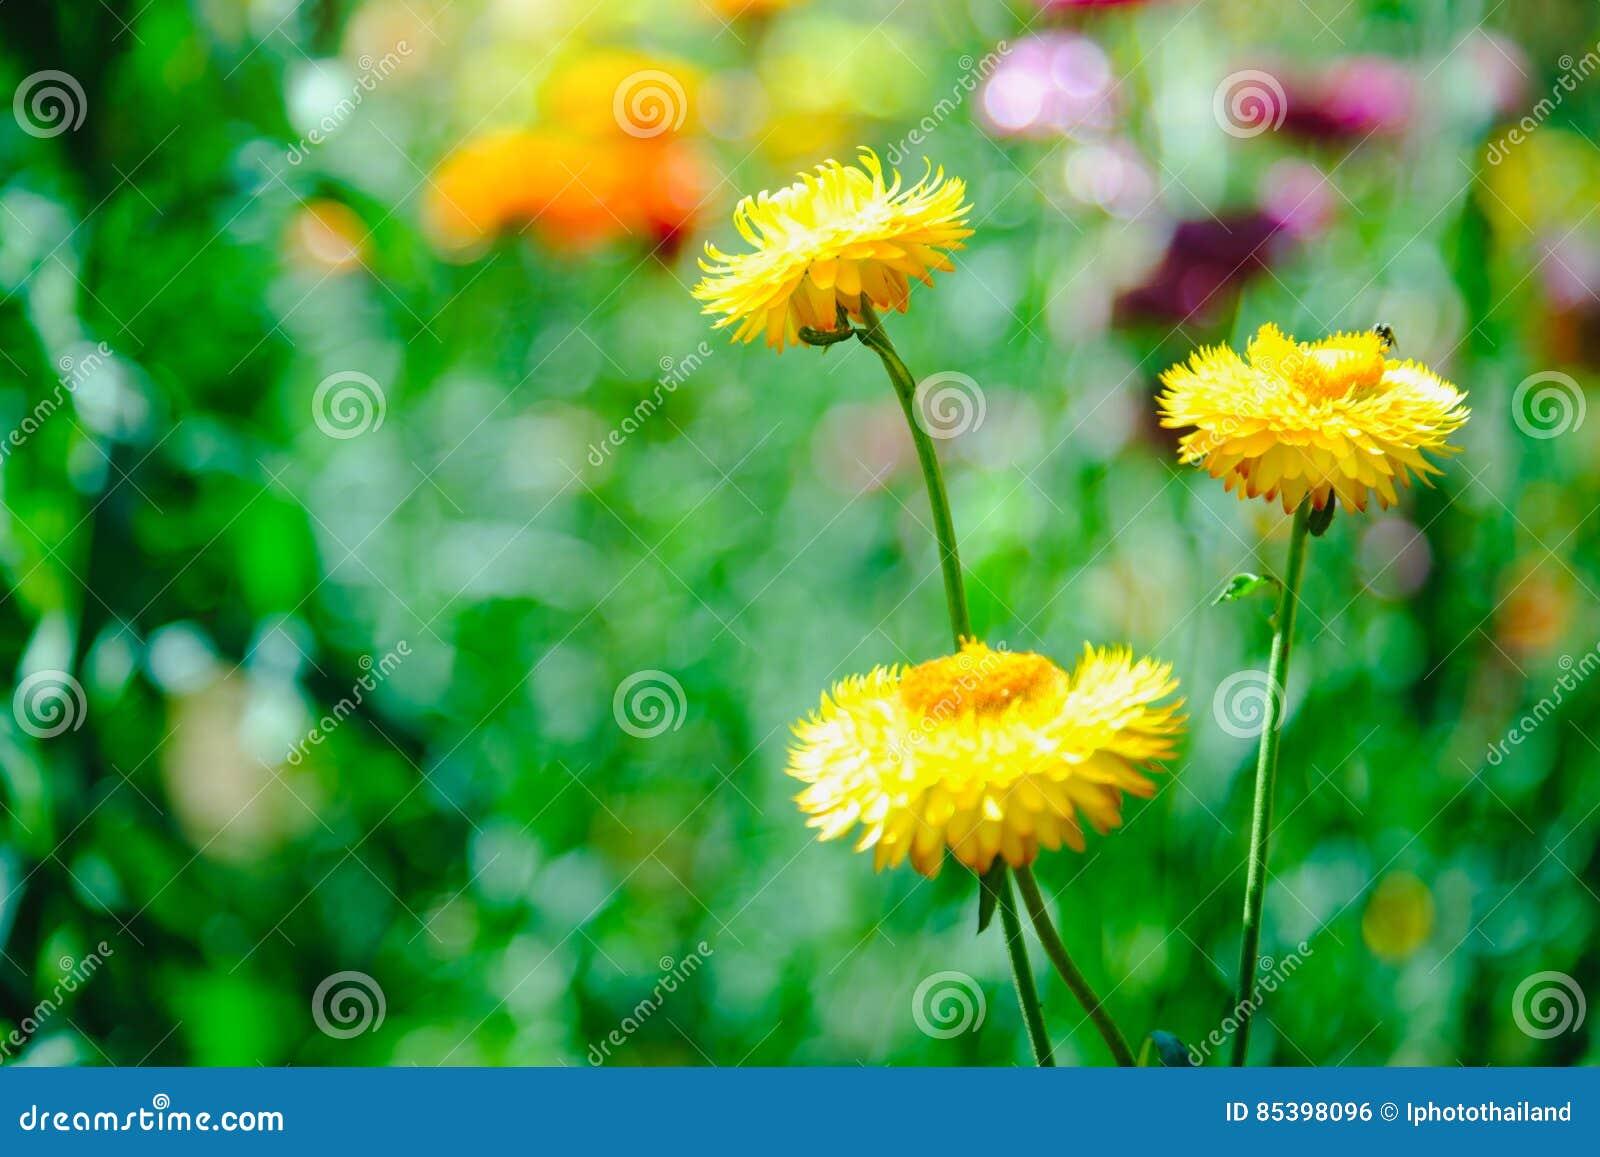 Straw Flower Or Everlasting Or Paper Daisy Flower In Garden Stock